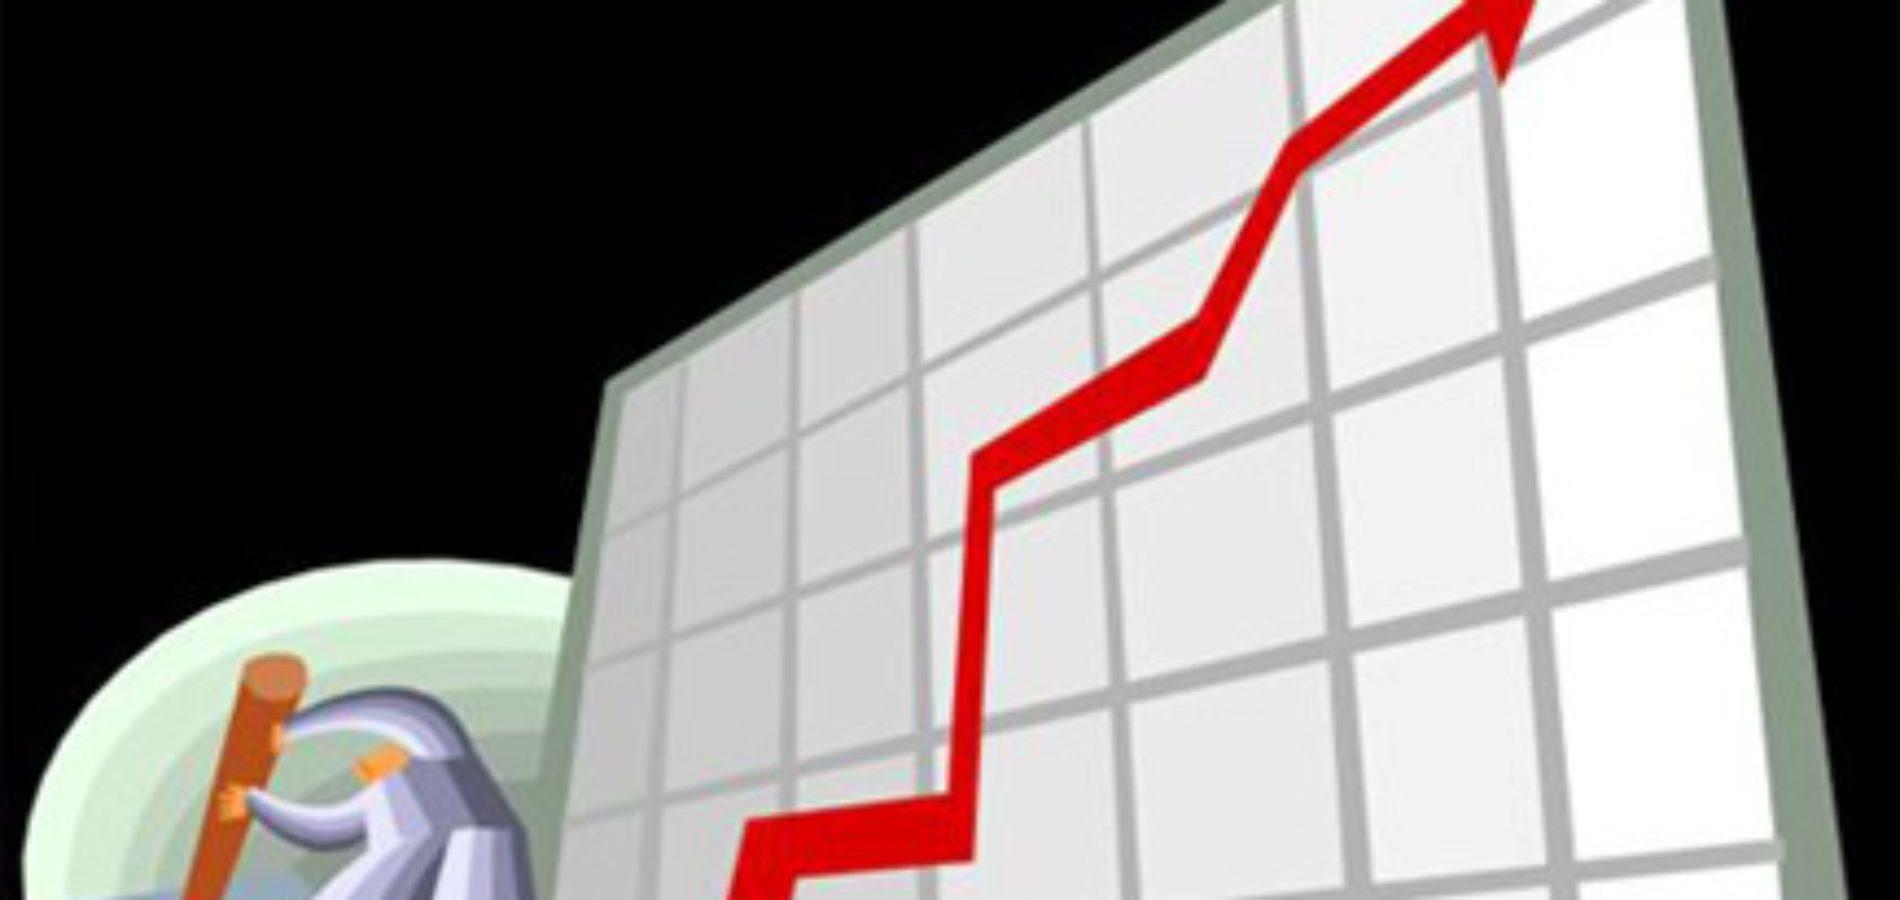 Борис Титов: реализация «Стратегии Роста» позволит России к 2035 году удвоить объем ВВП